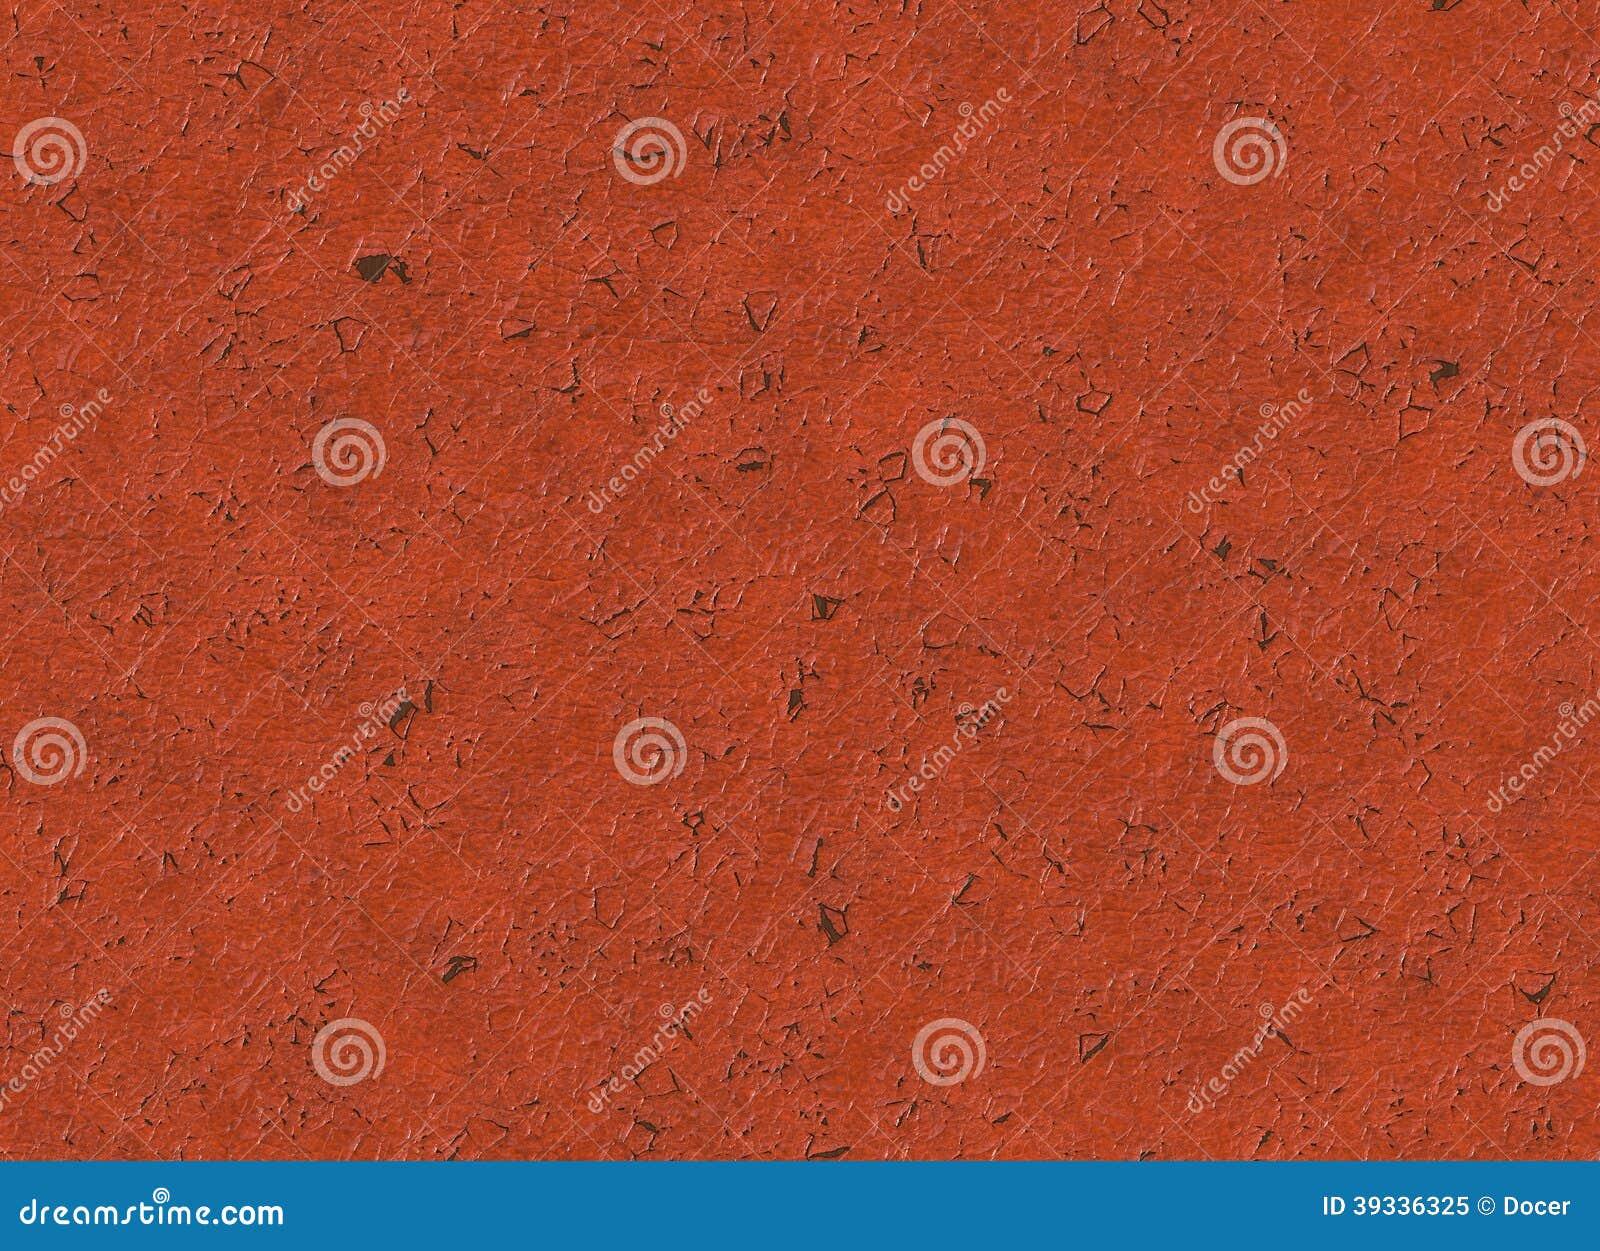 Vieille texture en cuir rouge mod le de papier peint for Modele de papier peint